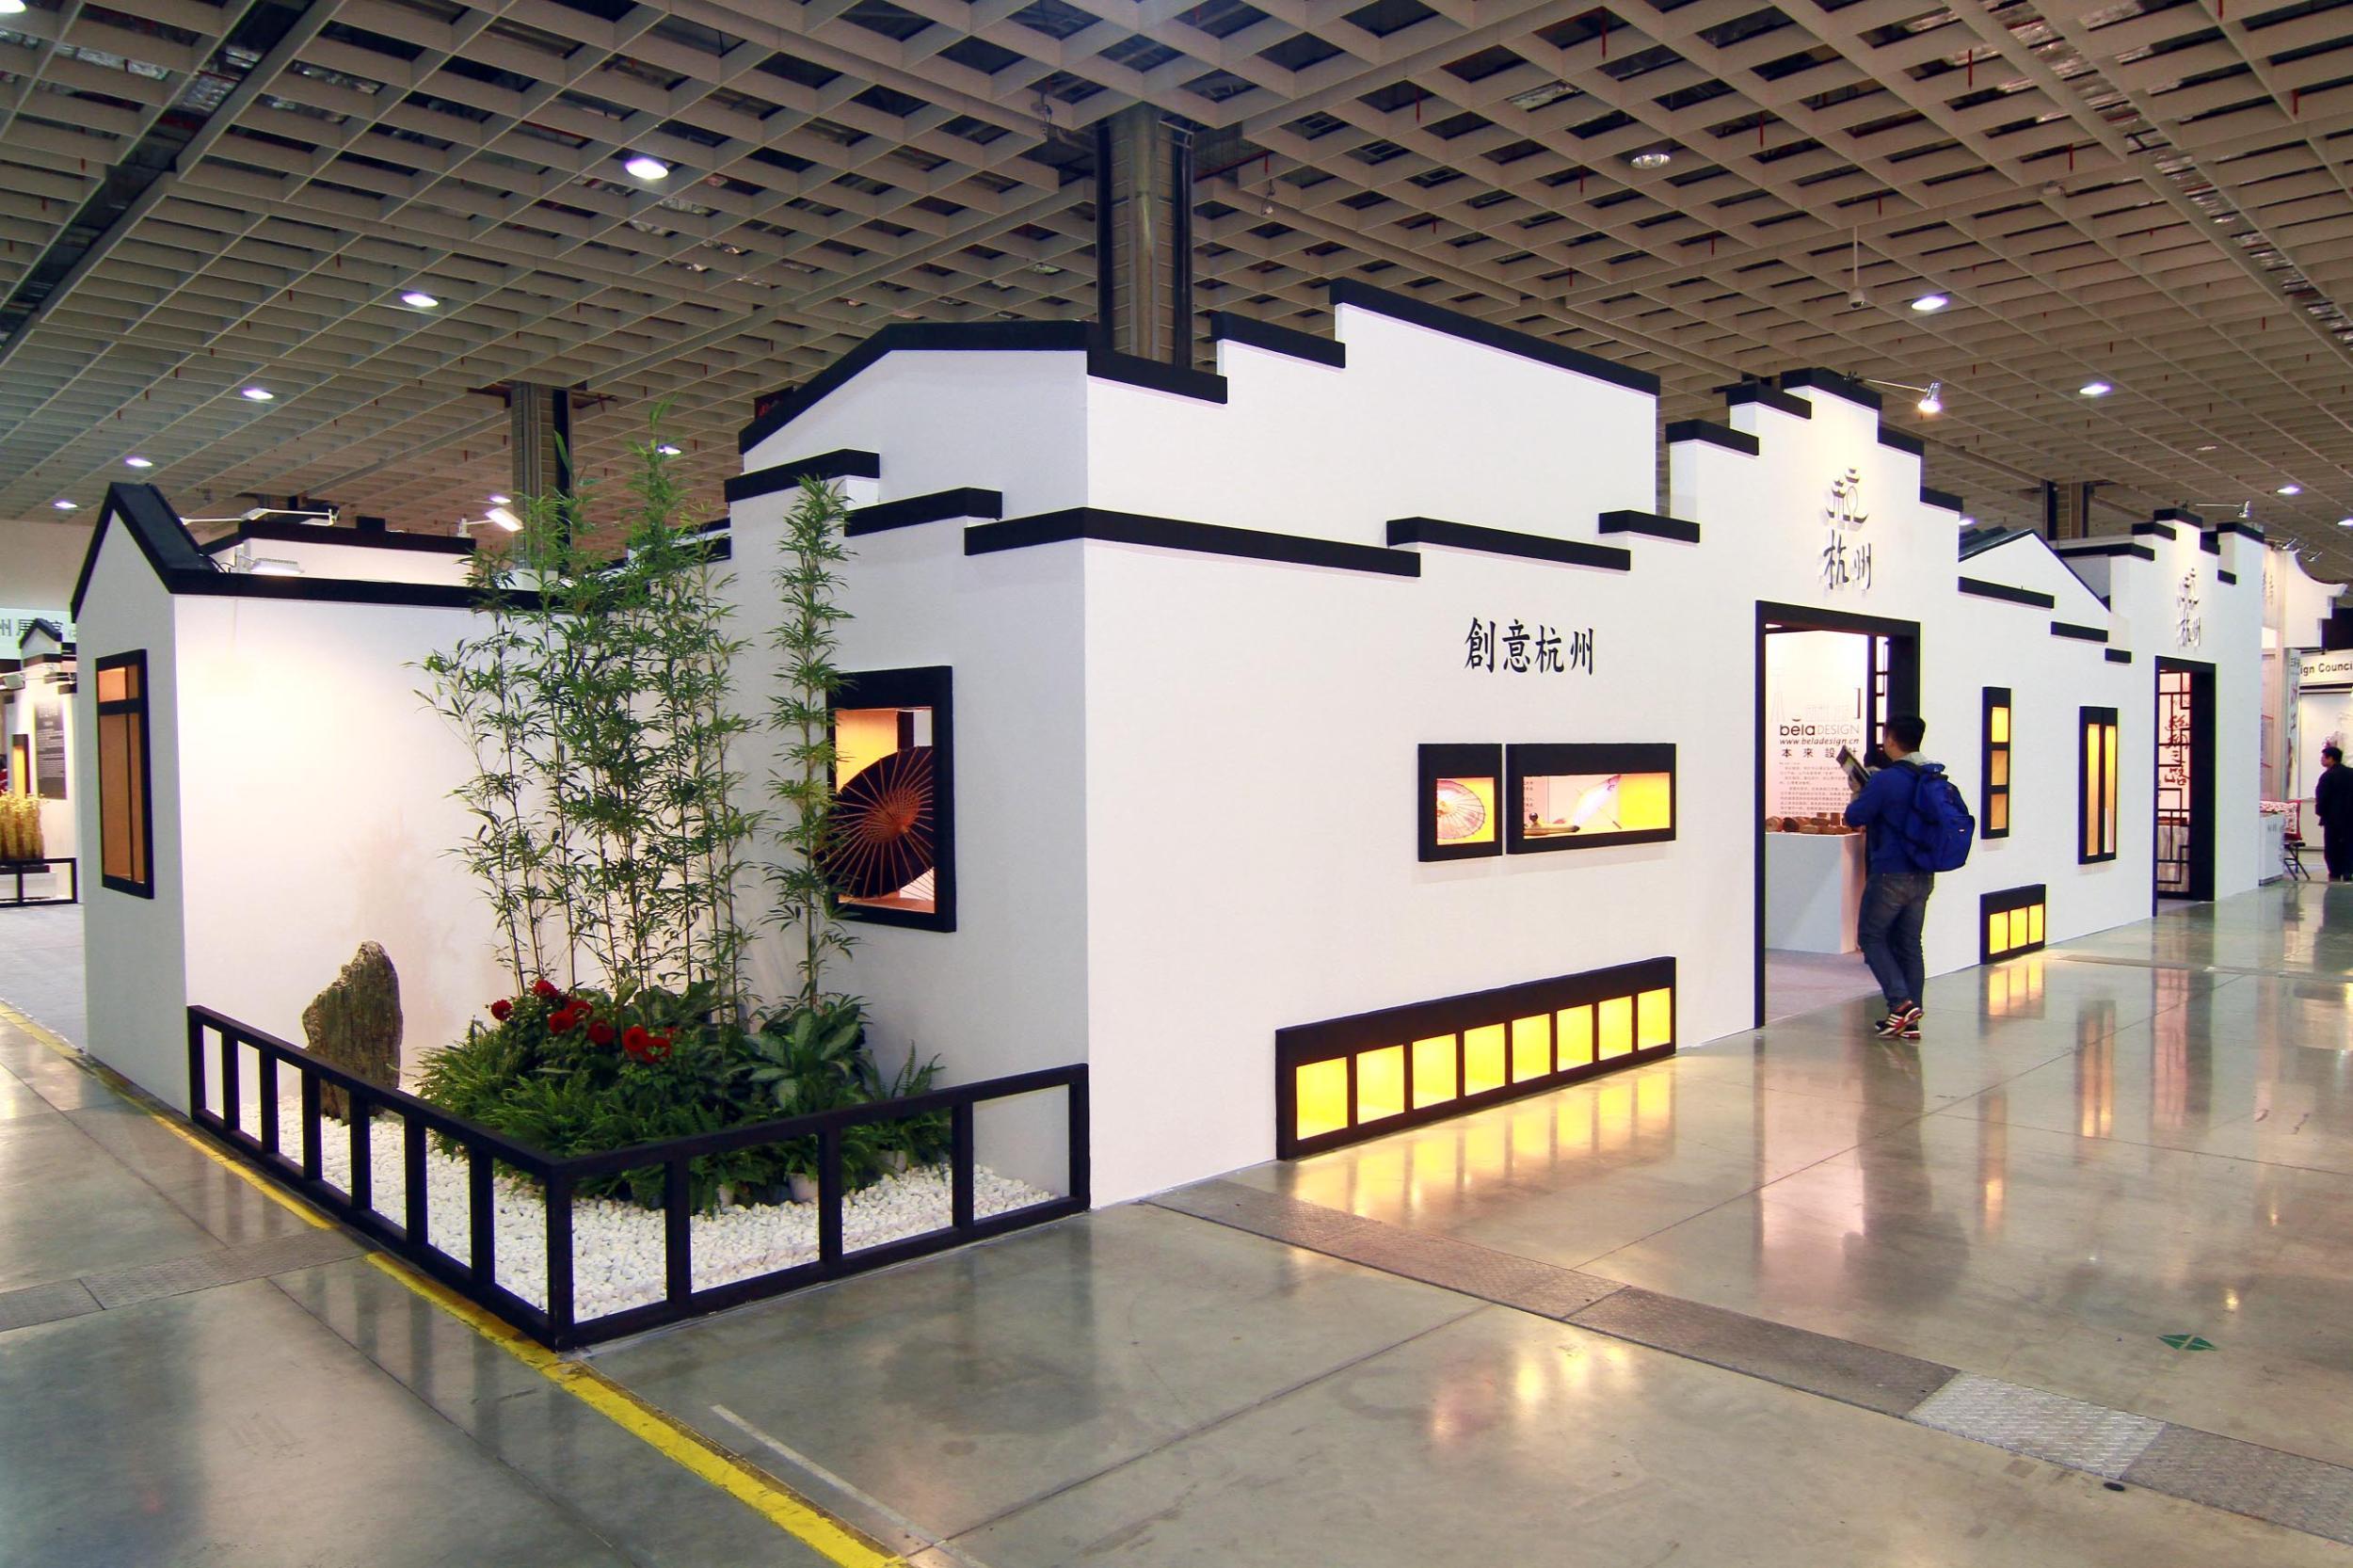 第十二届文博会冬季工艺美术精品展